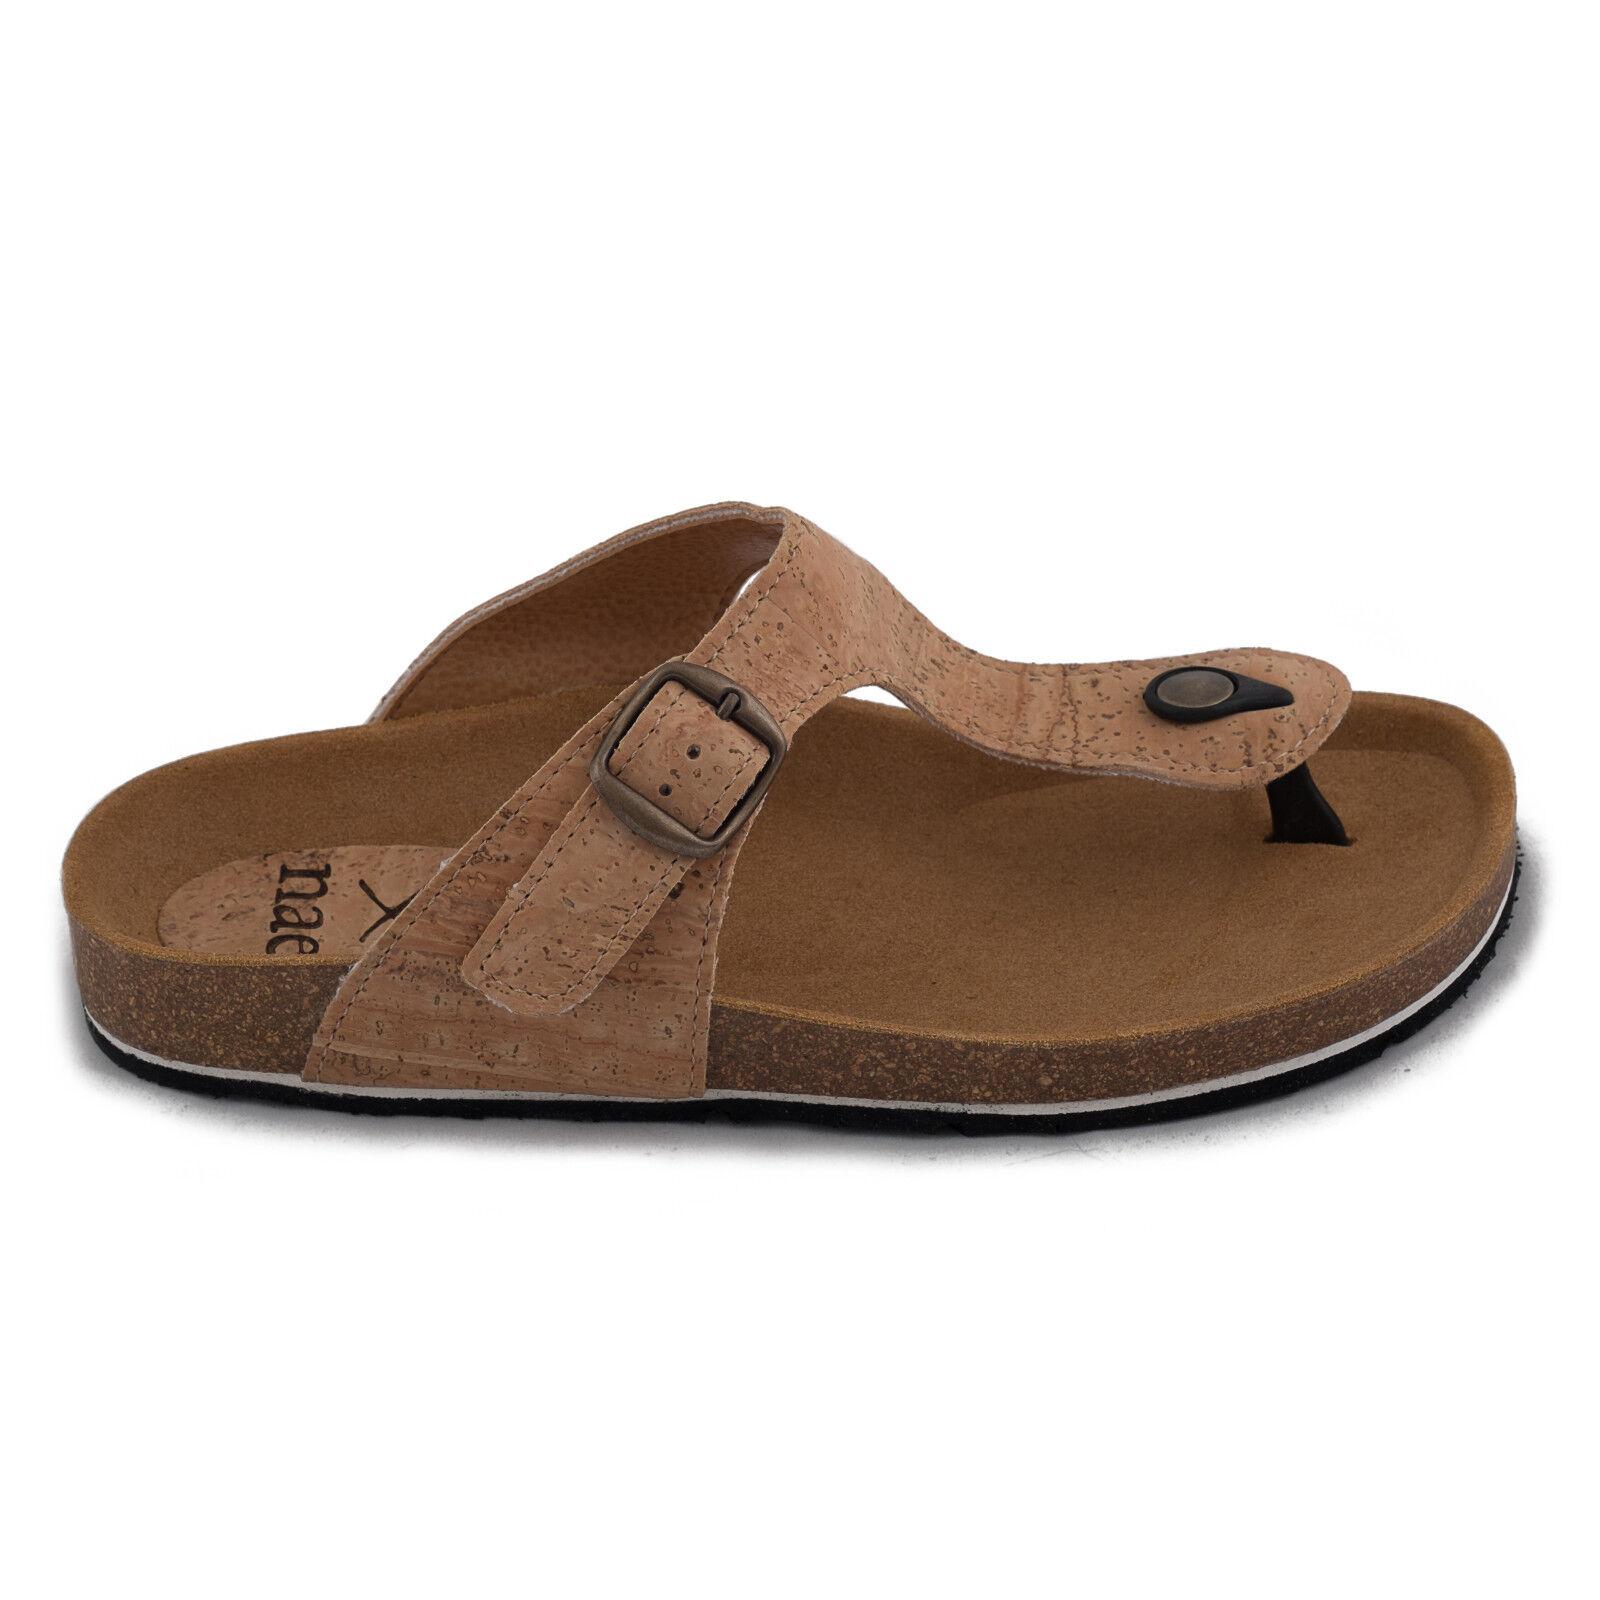 Donna vegan  sandal flip -flop lingua organica sughero e flat vegan sughero nae  in cerca di agente di vendita